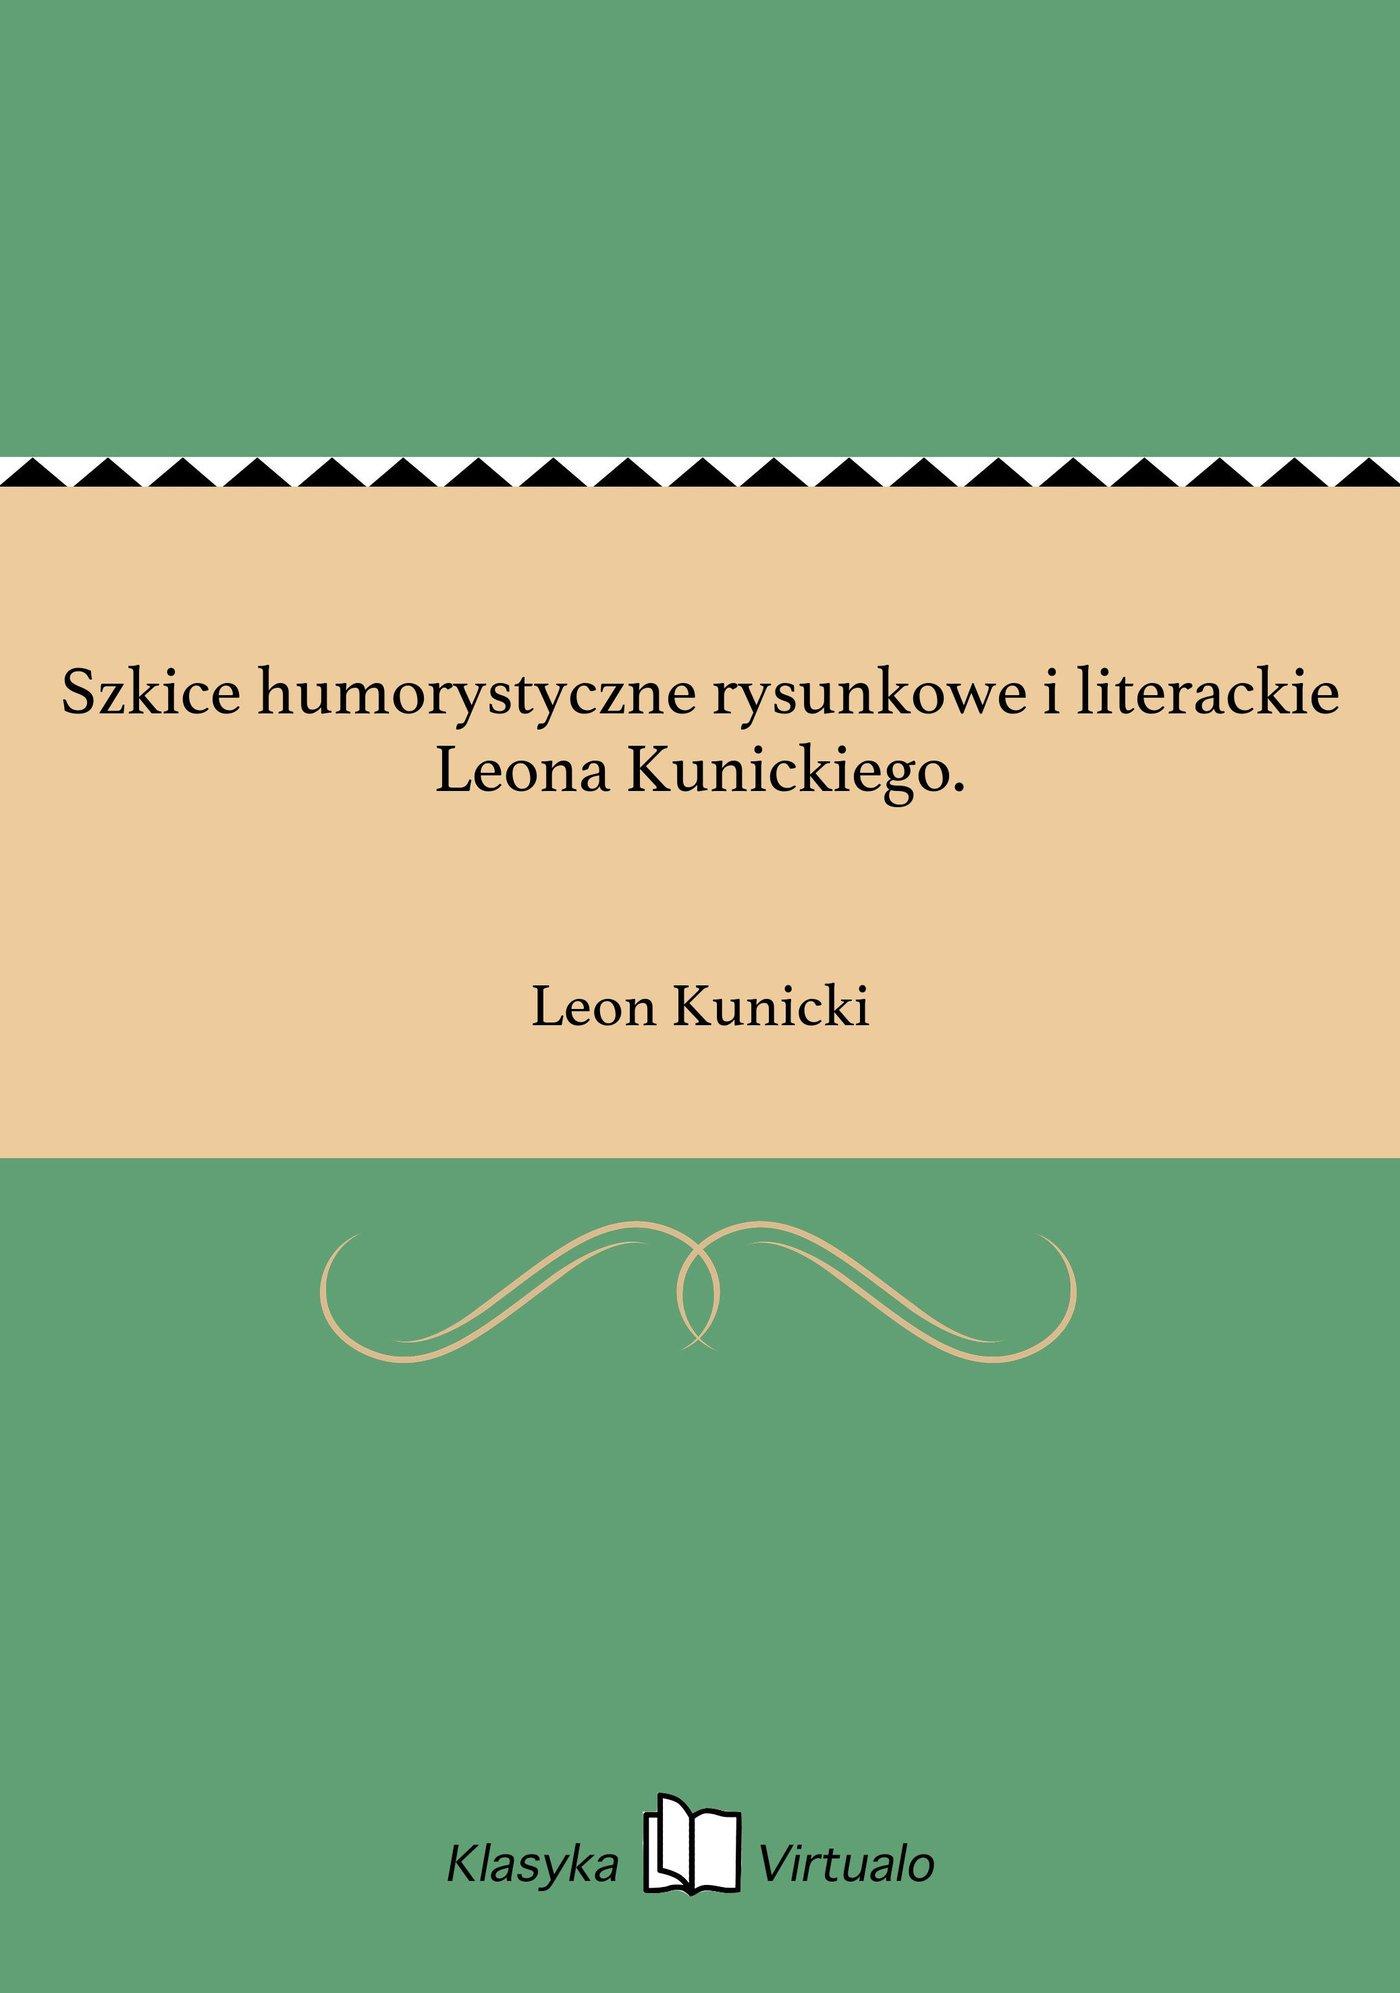 Szkice humorystyczne rysunkowe i literackie Leona Kunickiego. - Ebook (Książka na Kindle) do pobrania w formacie MOBI